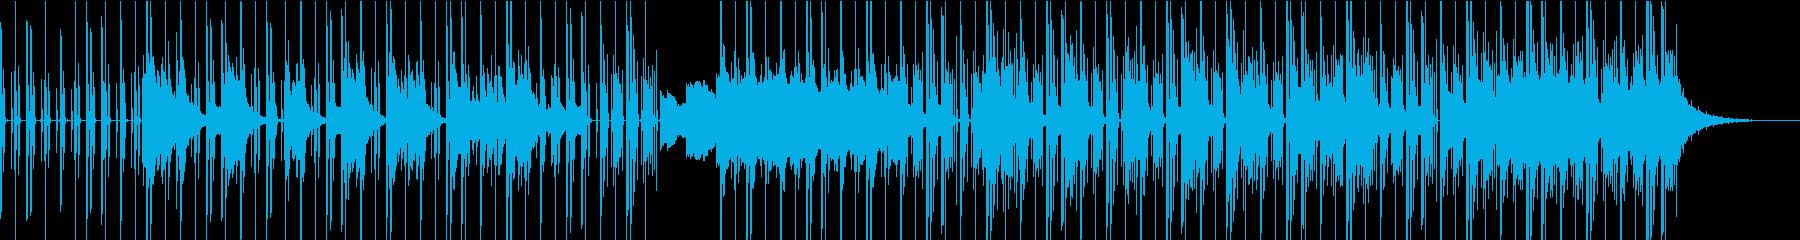 オシャレなエレピが特徴的な曲の再生済みの波形